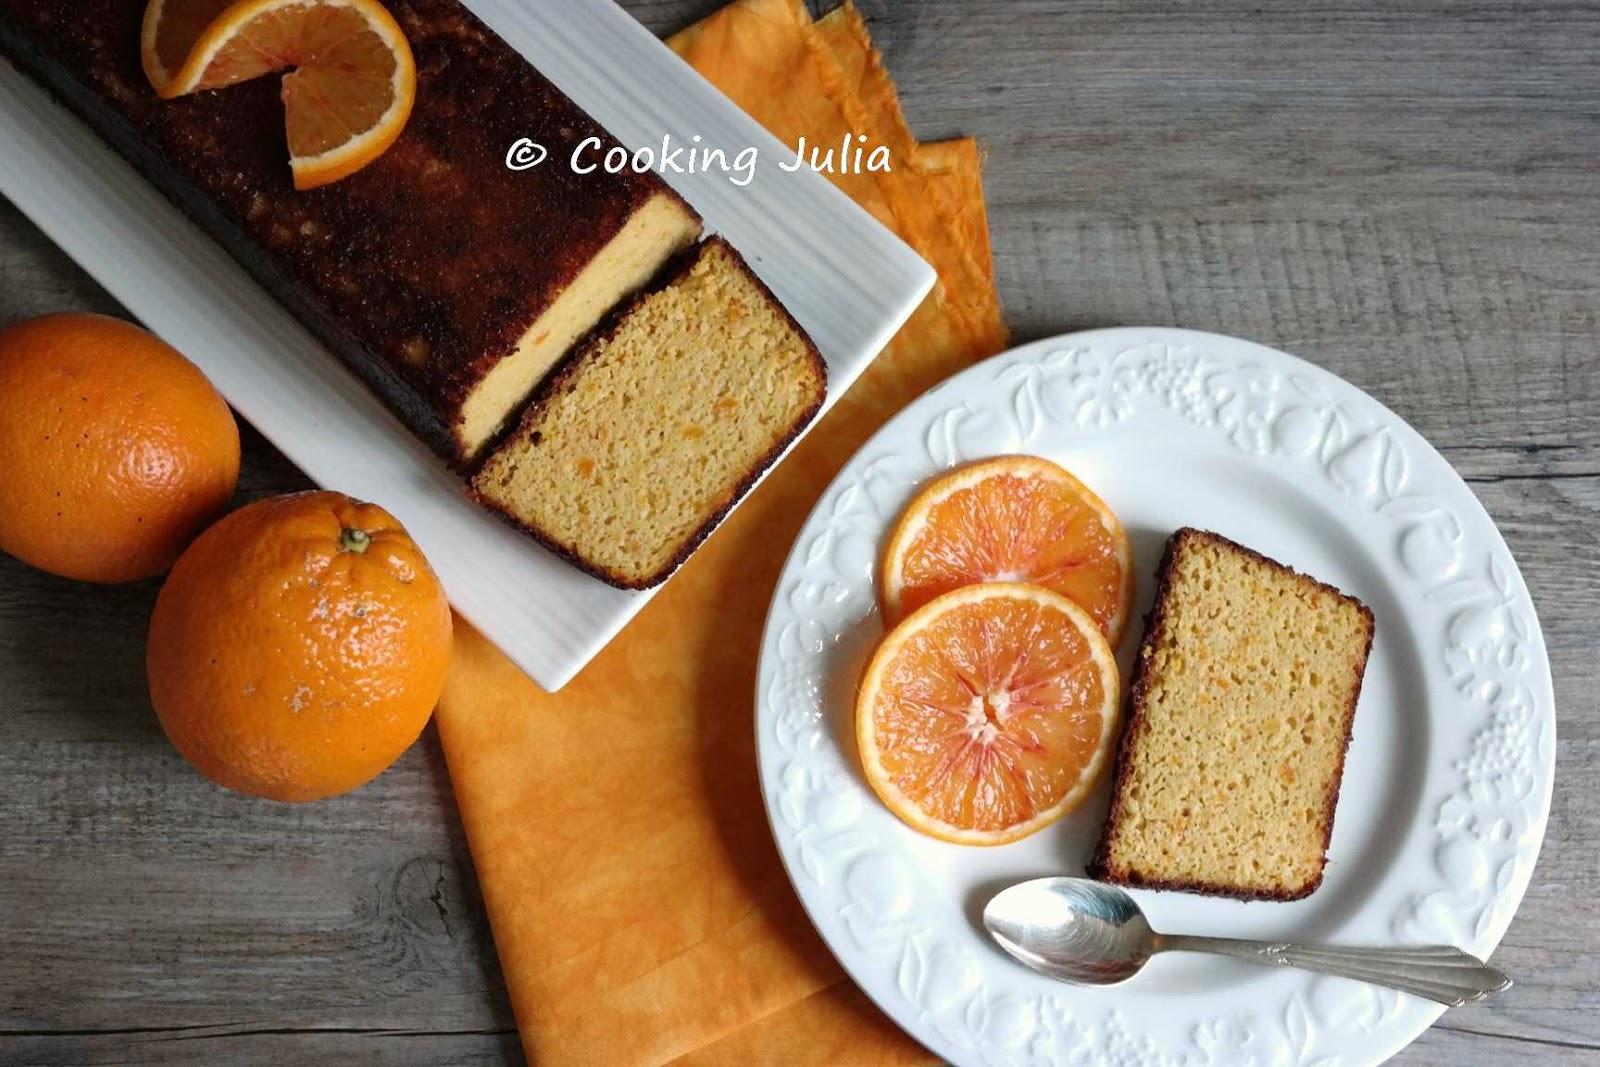 Cooking Julia Gâteau Moelleux Aux Oranges Entières